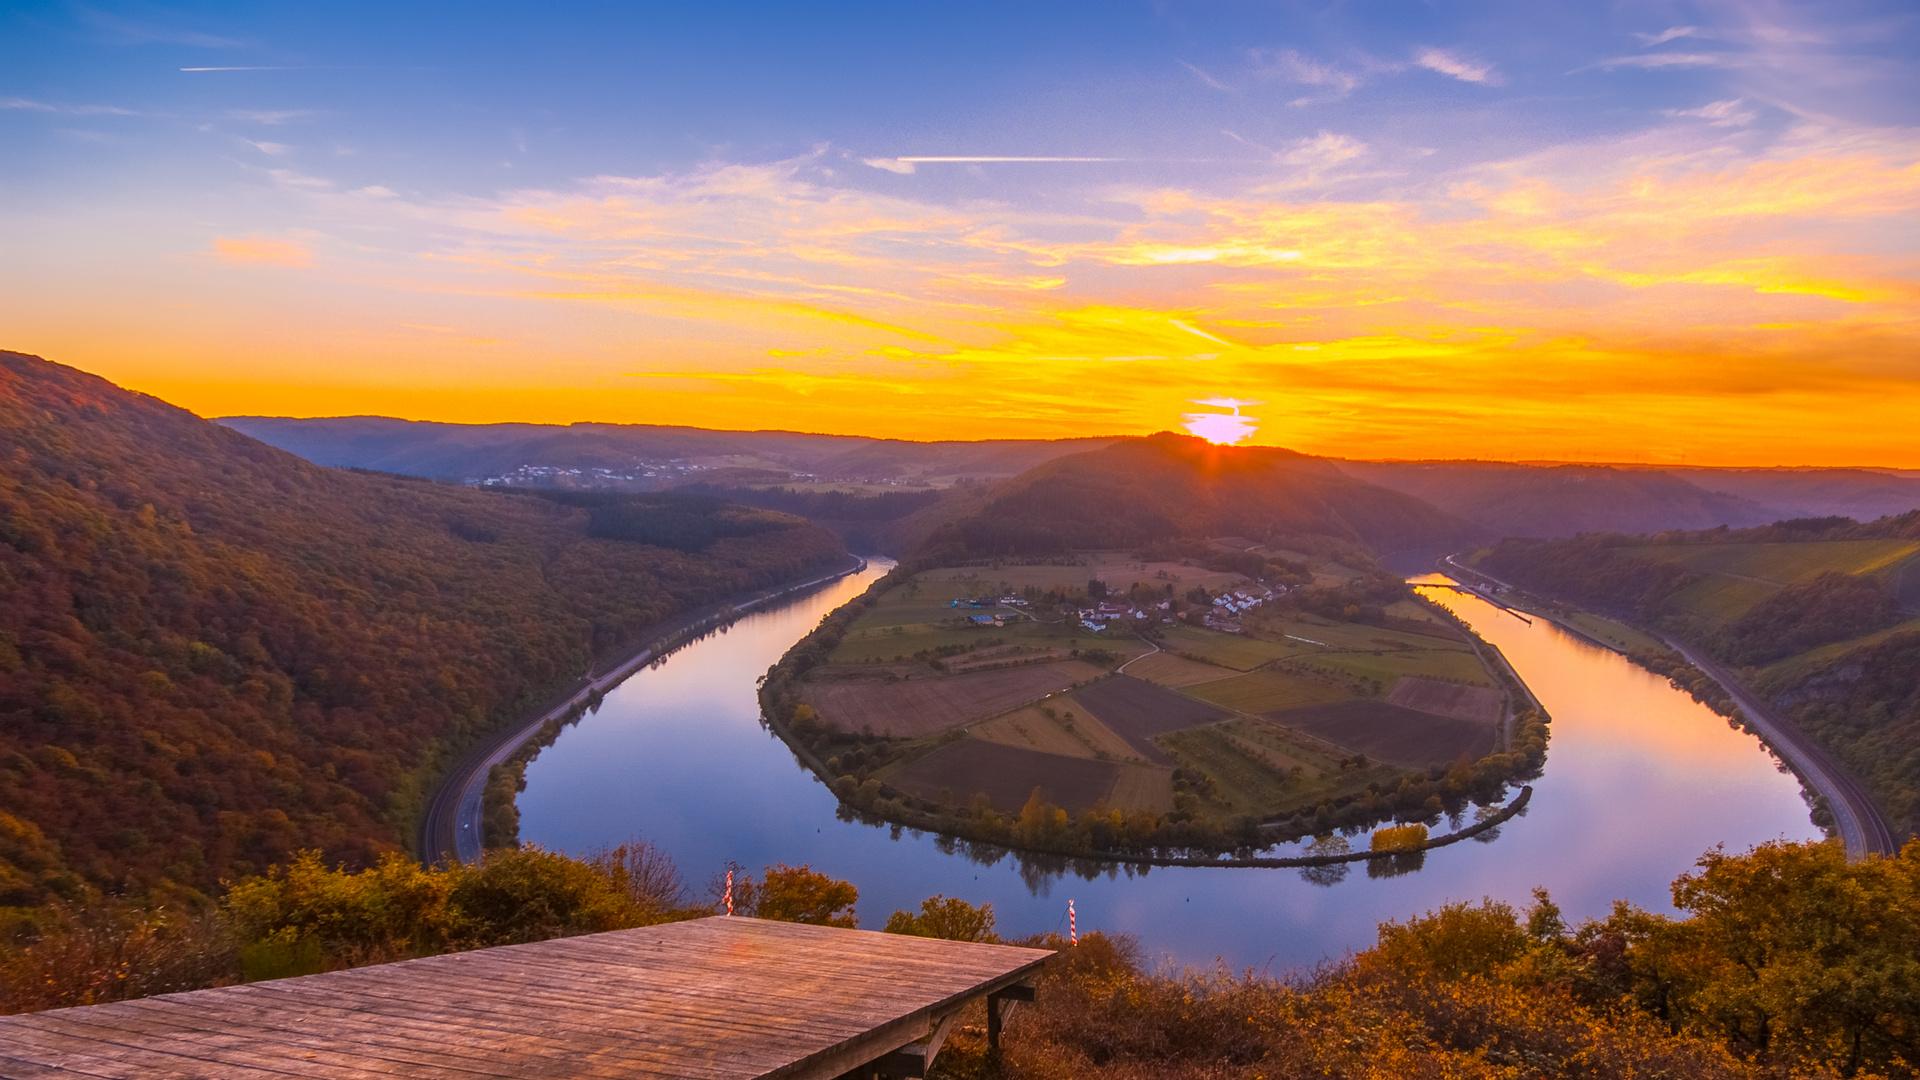 Spätherbst - Sonnenuntergang bei Serrig